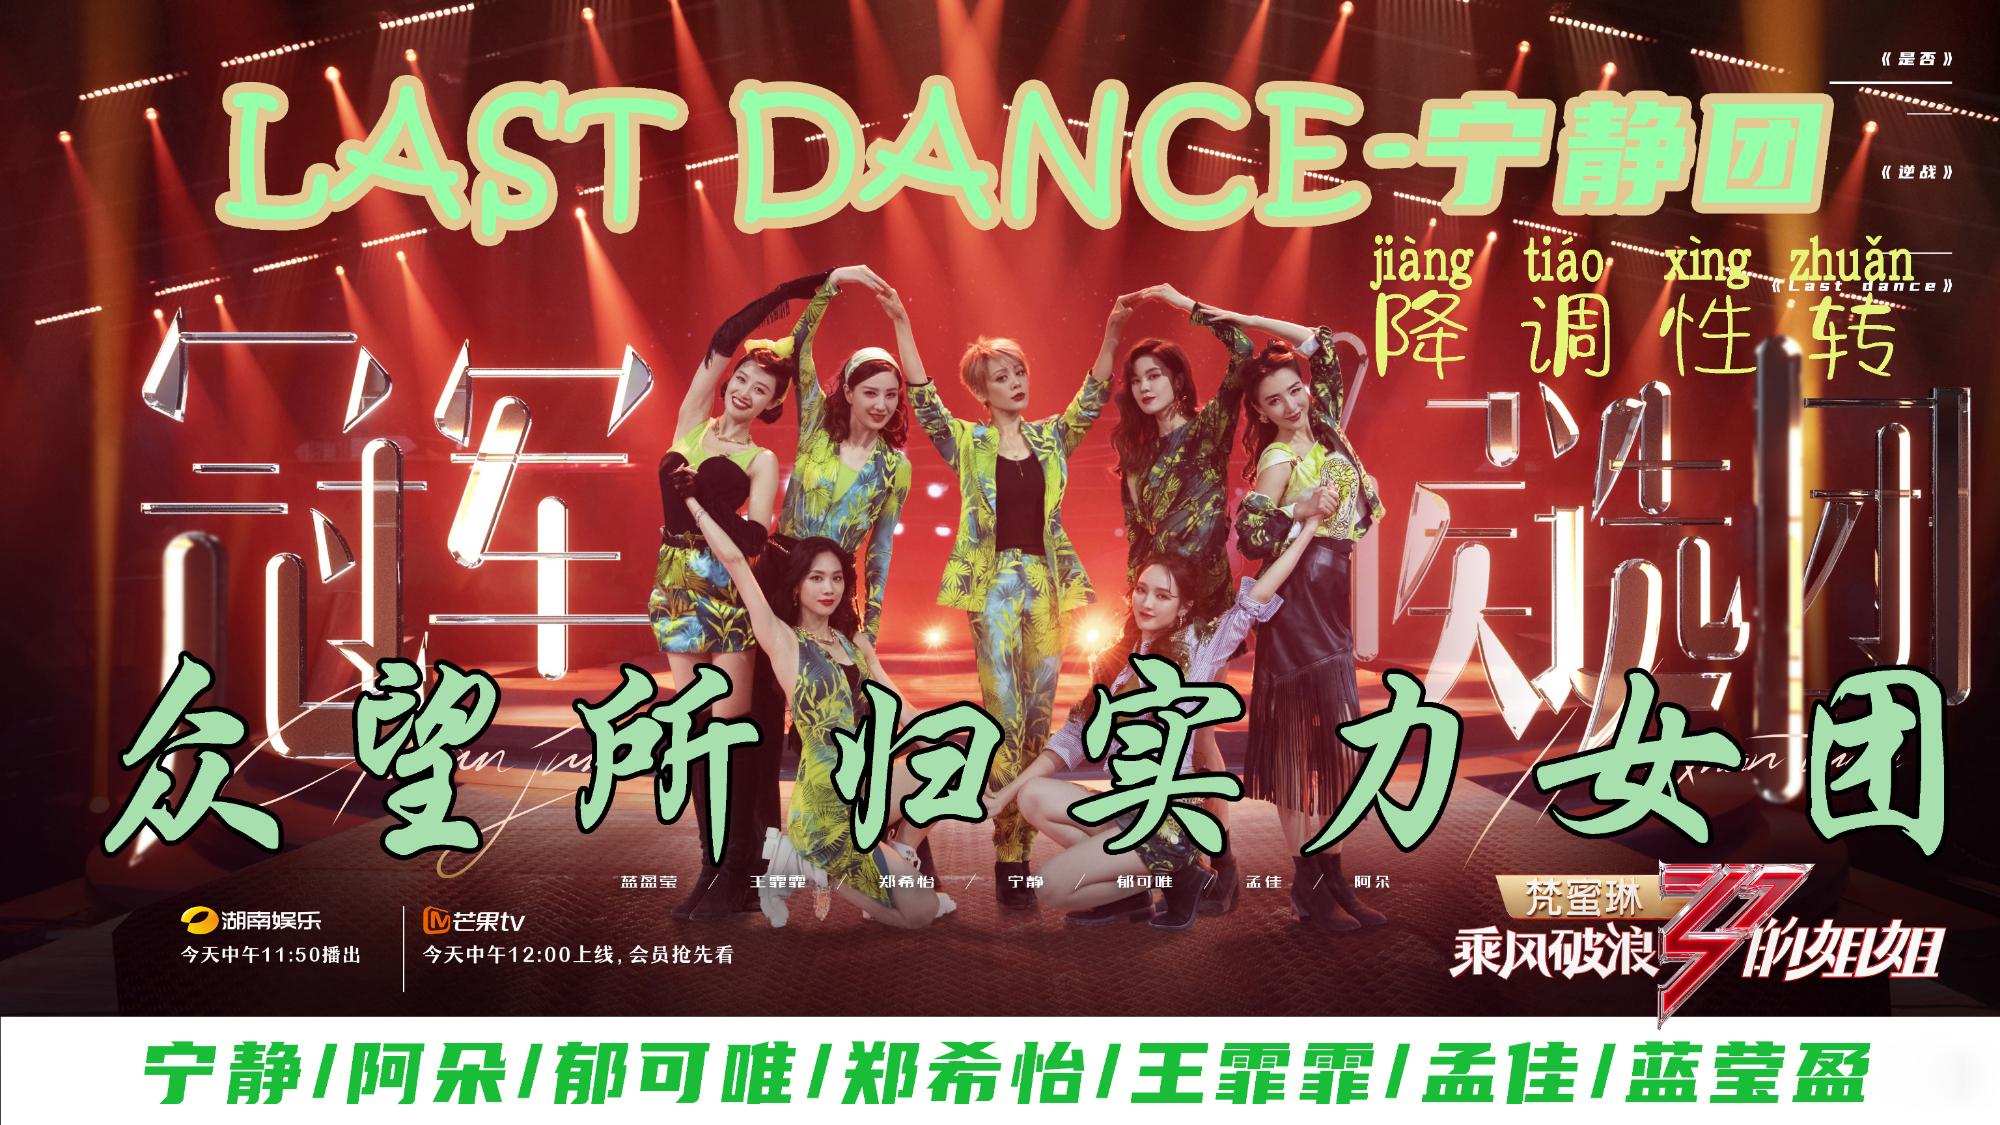 【乘风破浪的姐姐】Last dance-宁静|阿朵|郁可唯|王霏霏|孟佳|蓝盈莹|郑希怡(降调性转)